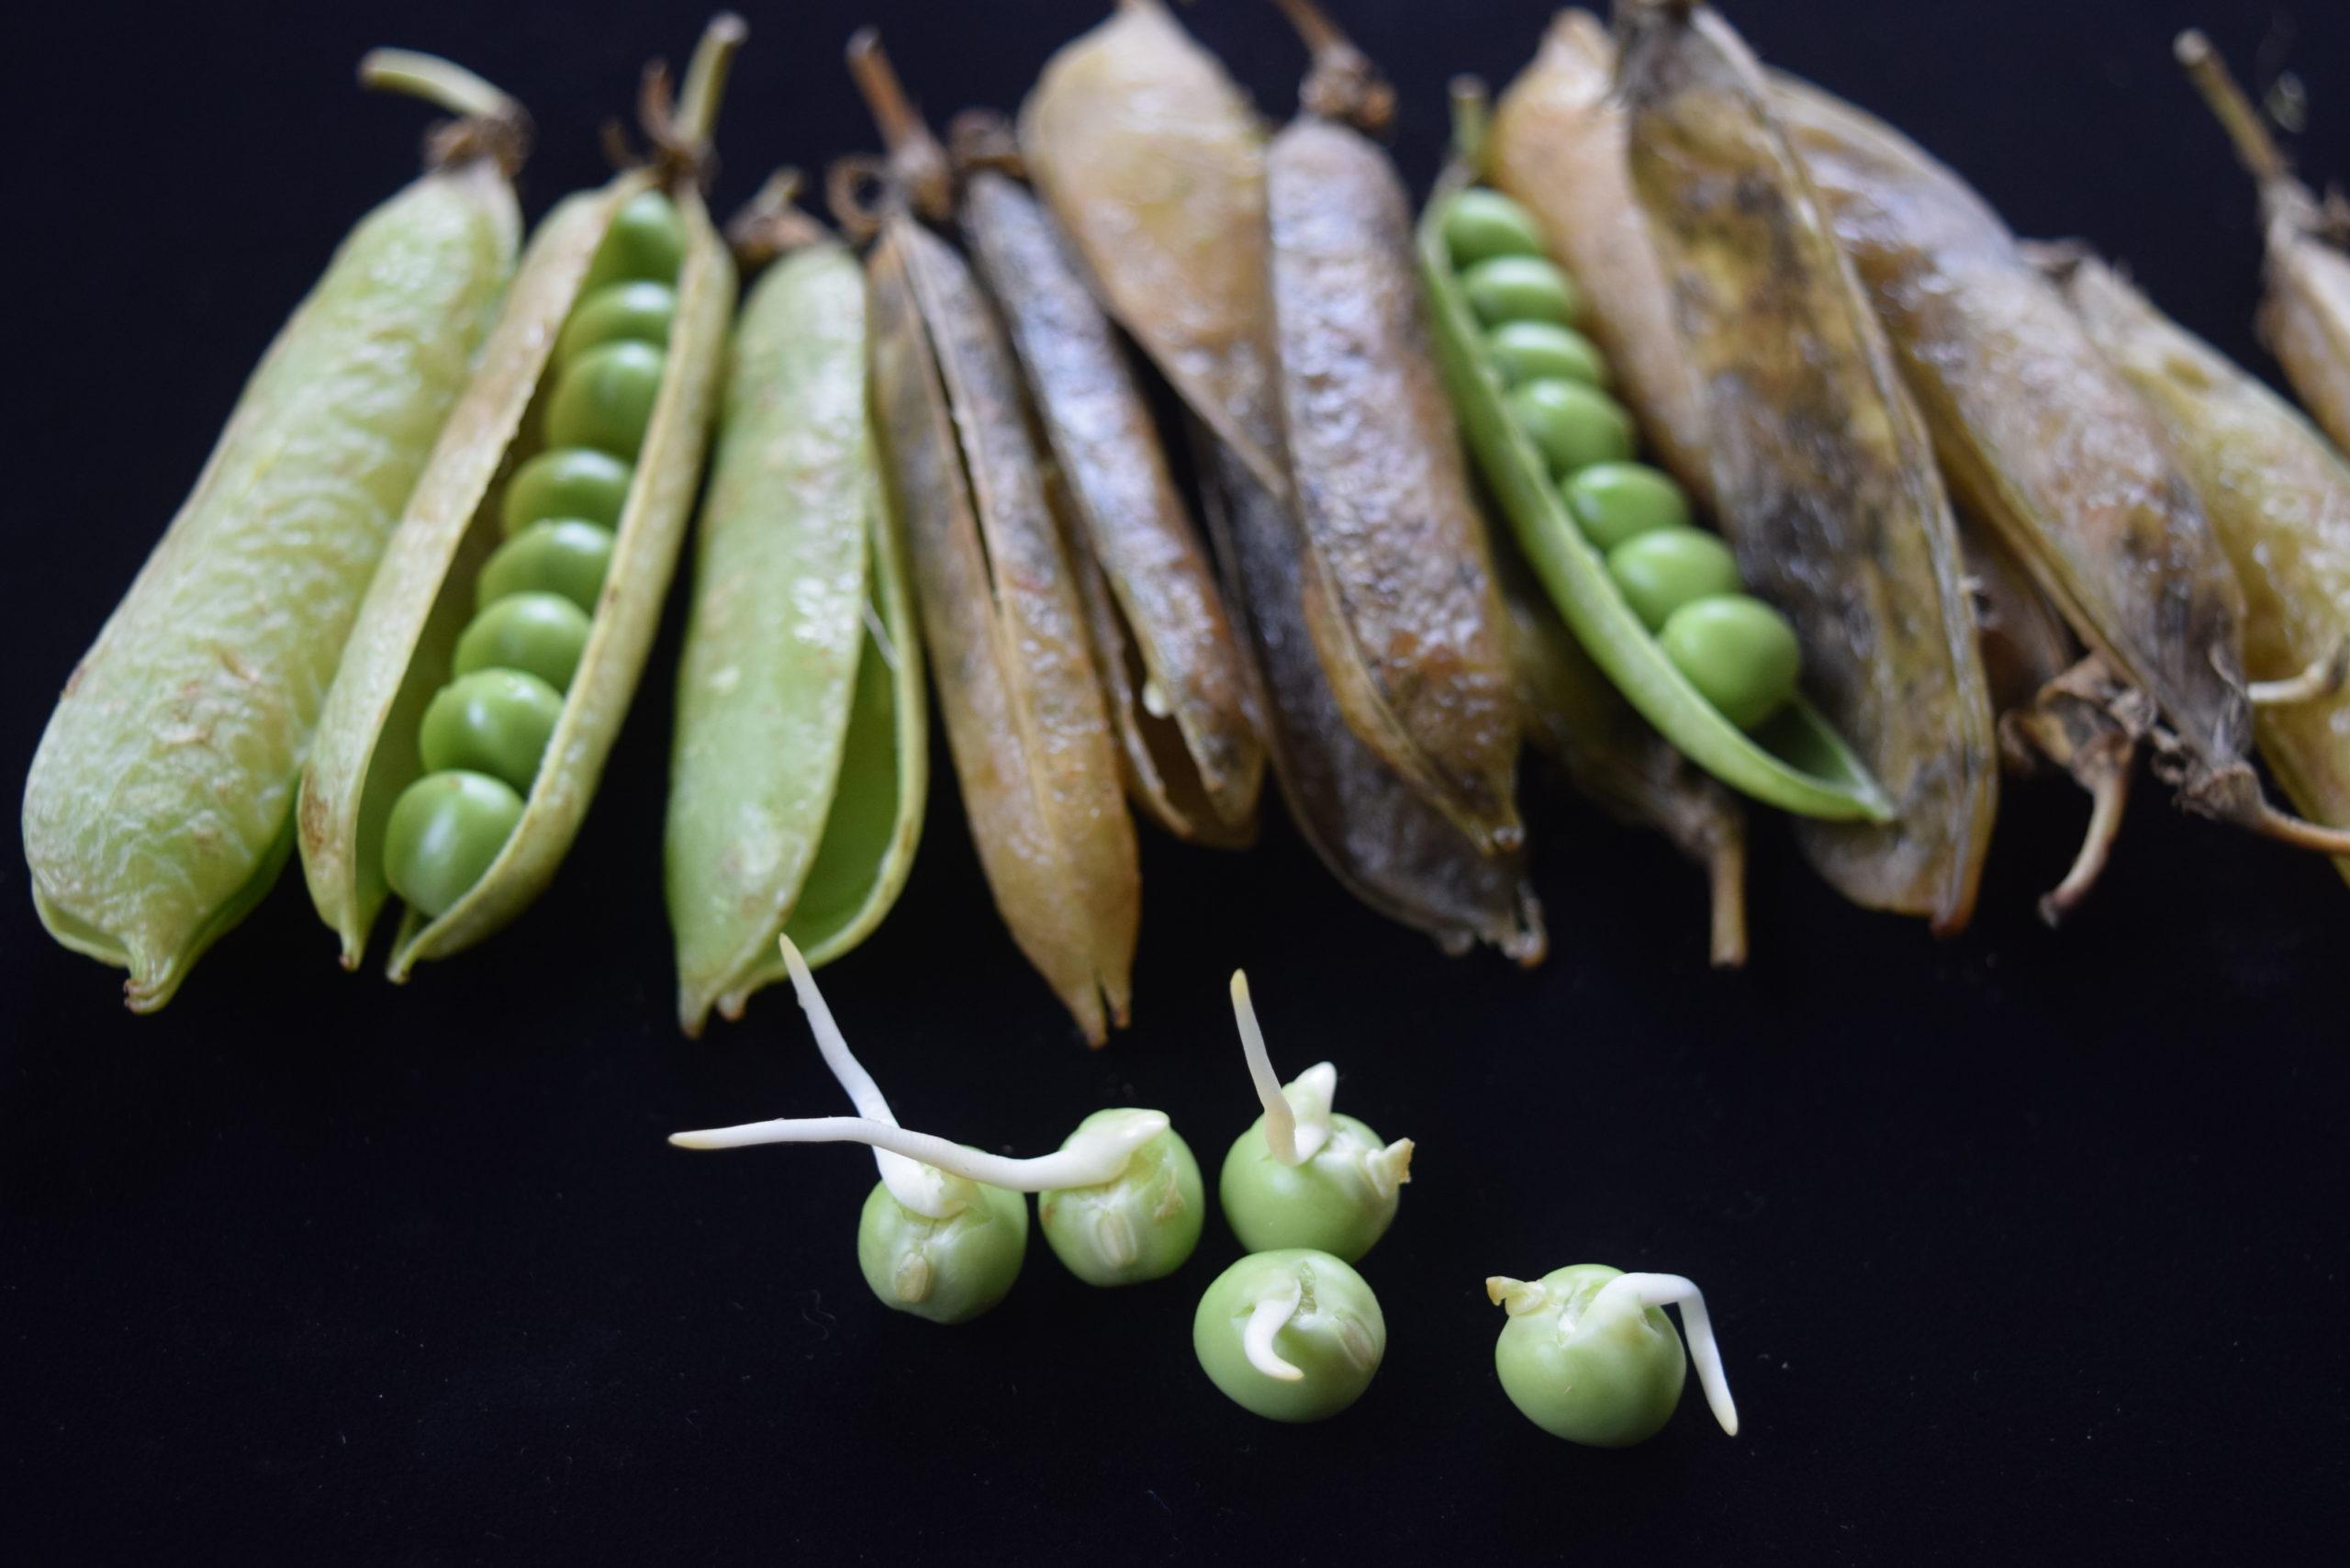 えんどう豆の、姿を撮影してみました。